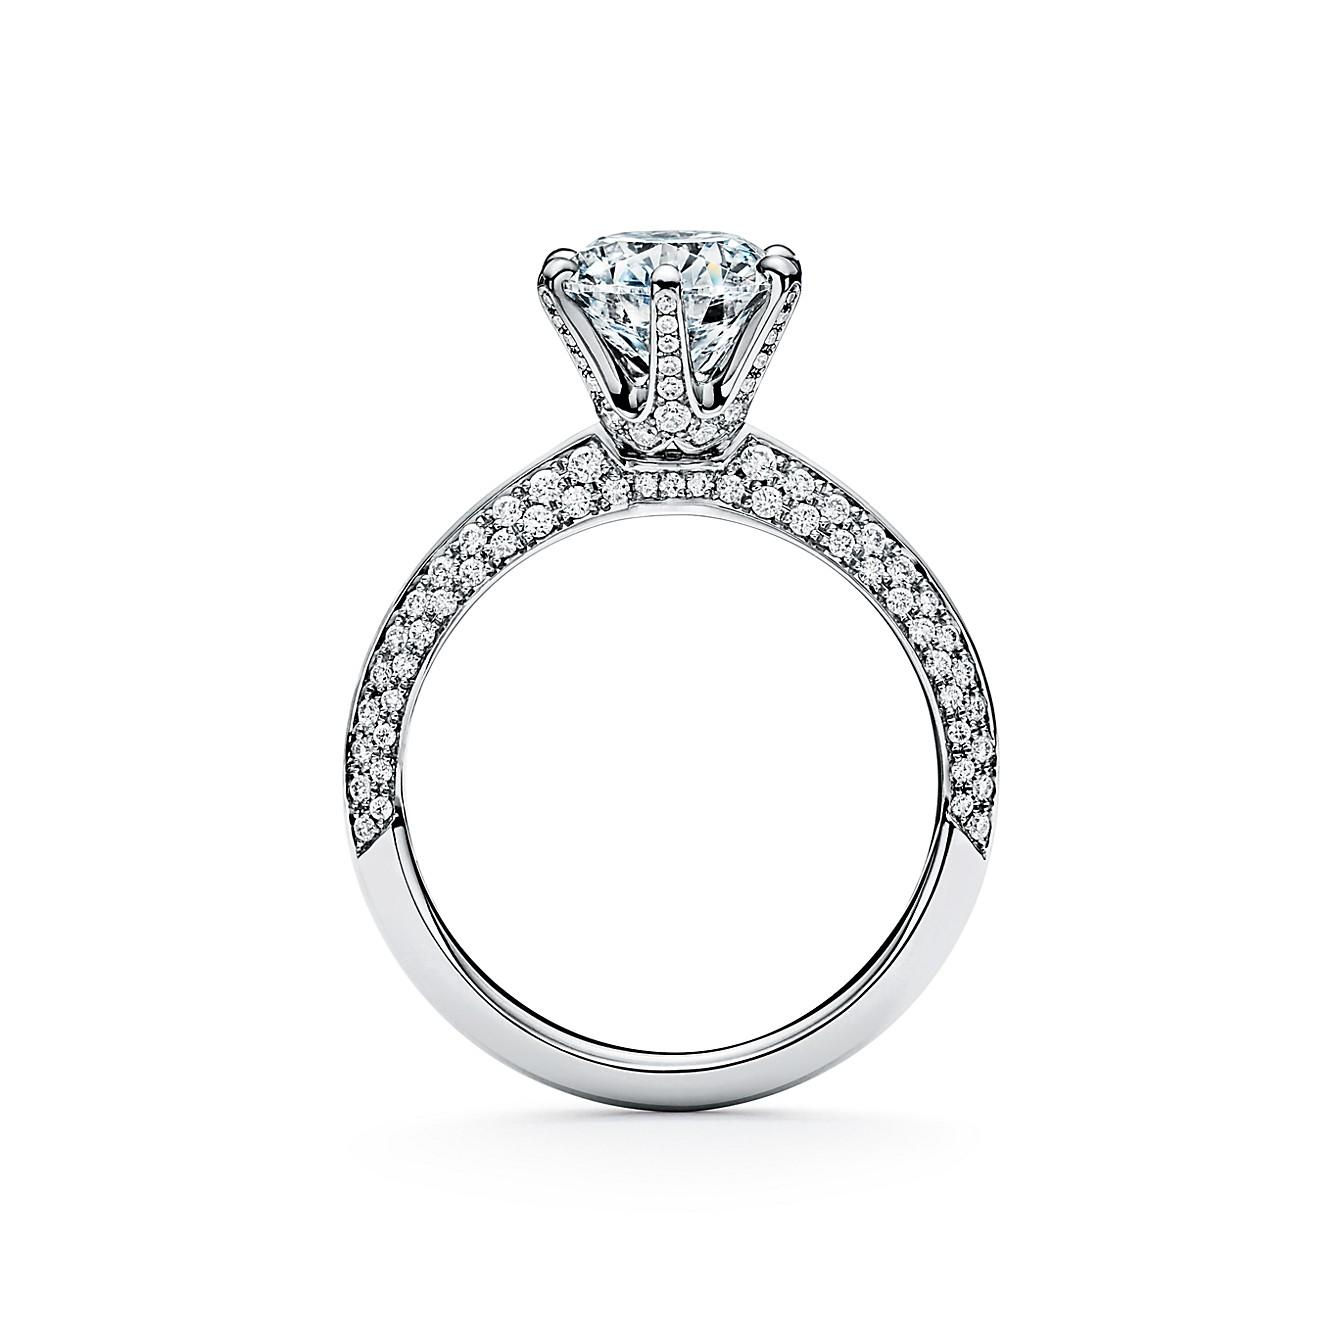 ティファニー セッティング エンゲージメント リング パヴェ ダイヤモンド バンド(2)―Tiffany & Co.(ティファニー)